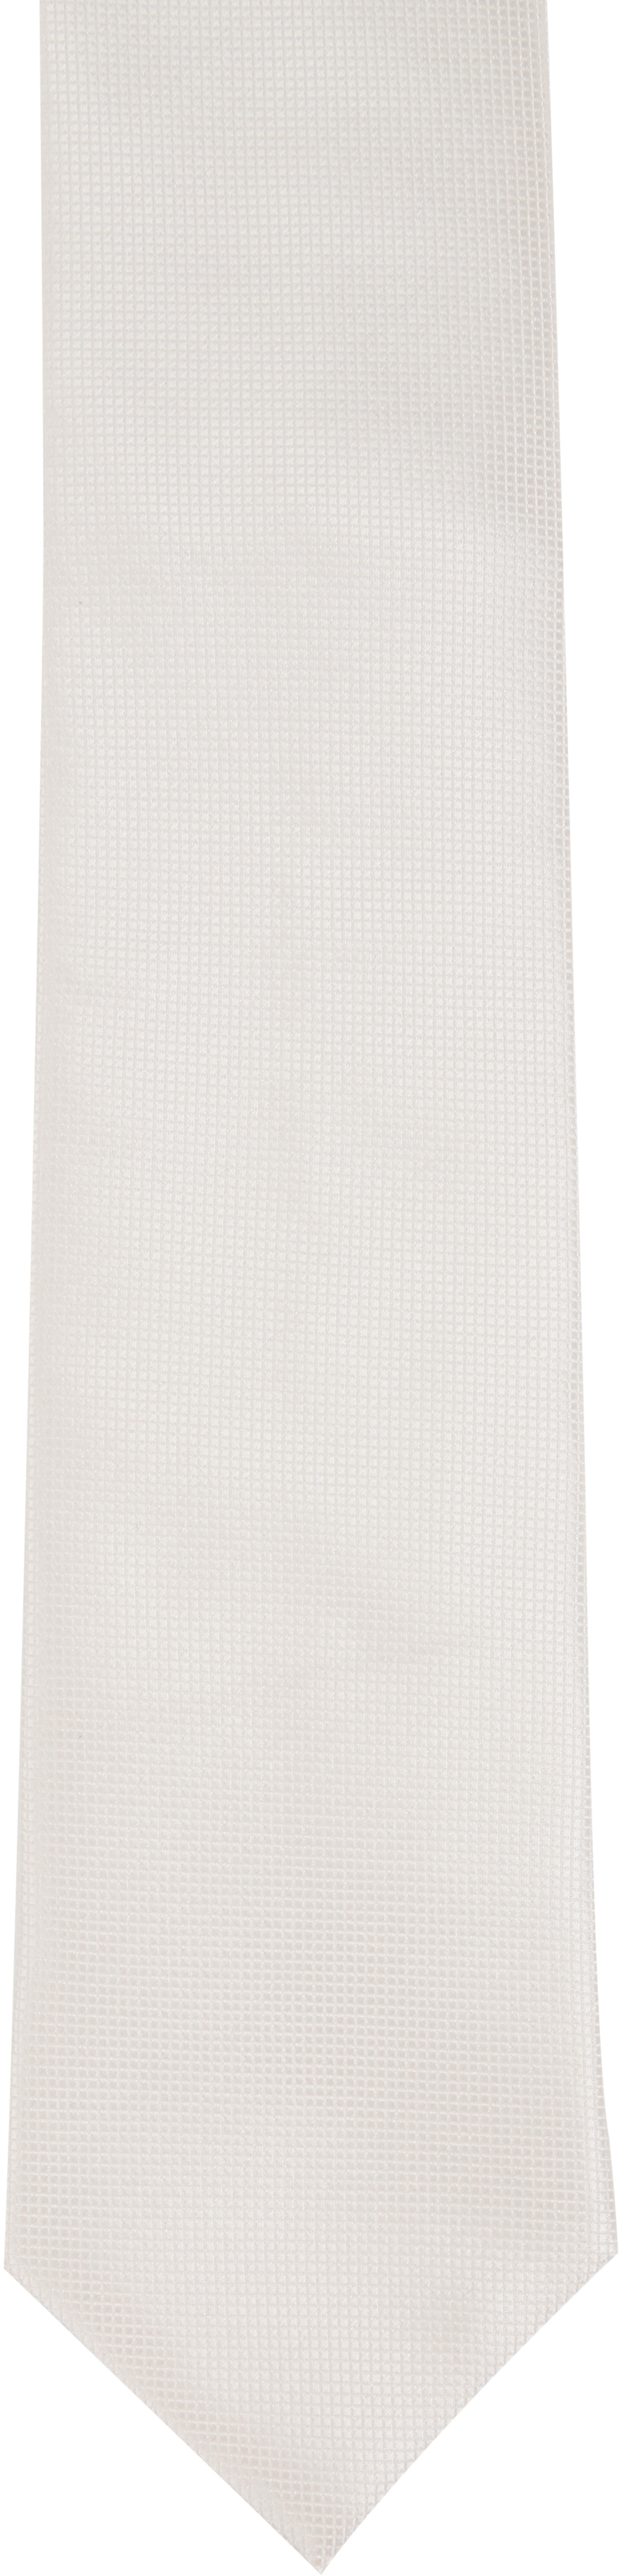 Hochzeit Krawatte + Einstecktuch Carre gebrochenes-Weiß foto 2